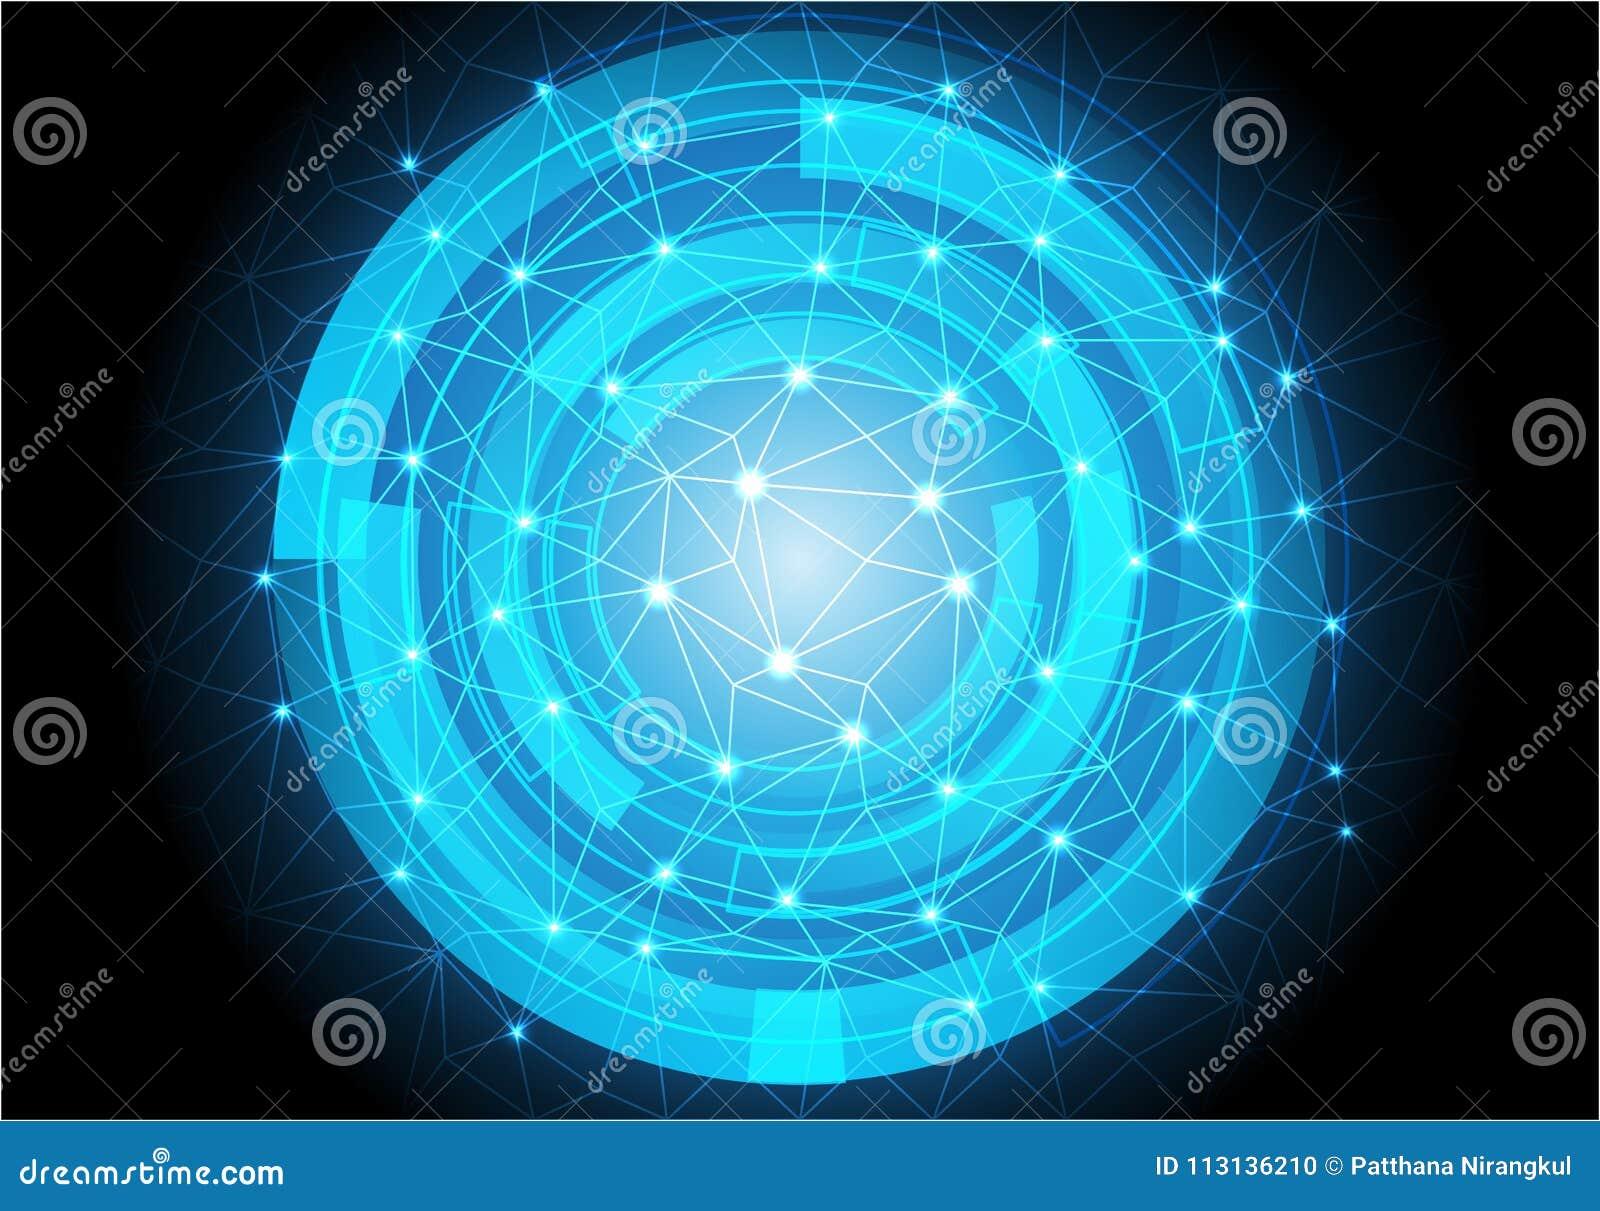 De abstracte blauwe de driehoeksveelhoek van de cirkel lichte lijn verbindt de technologie van de gegevensmacht op zwarte ontwerp